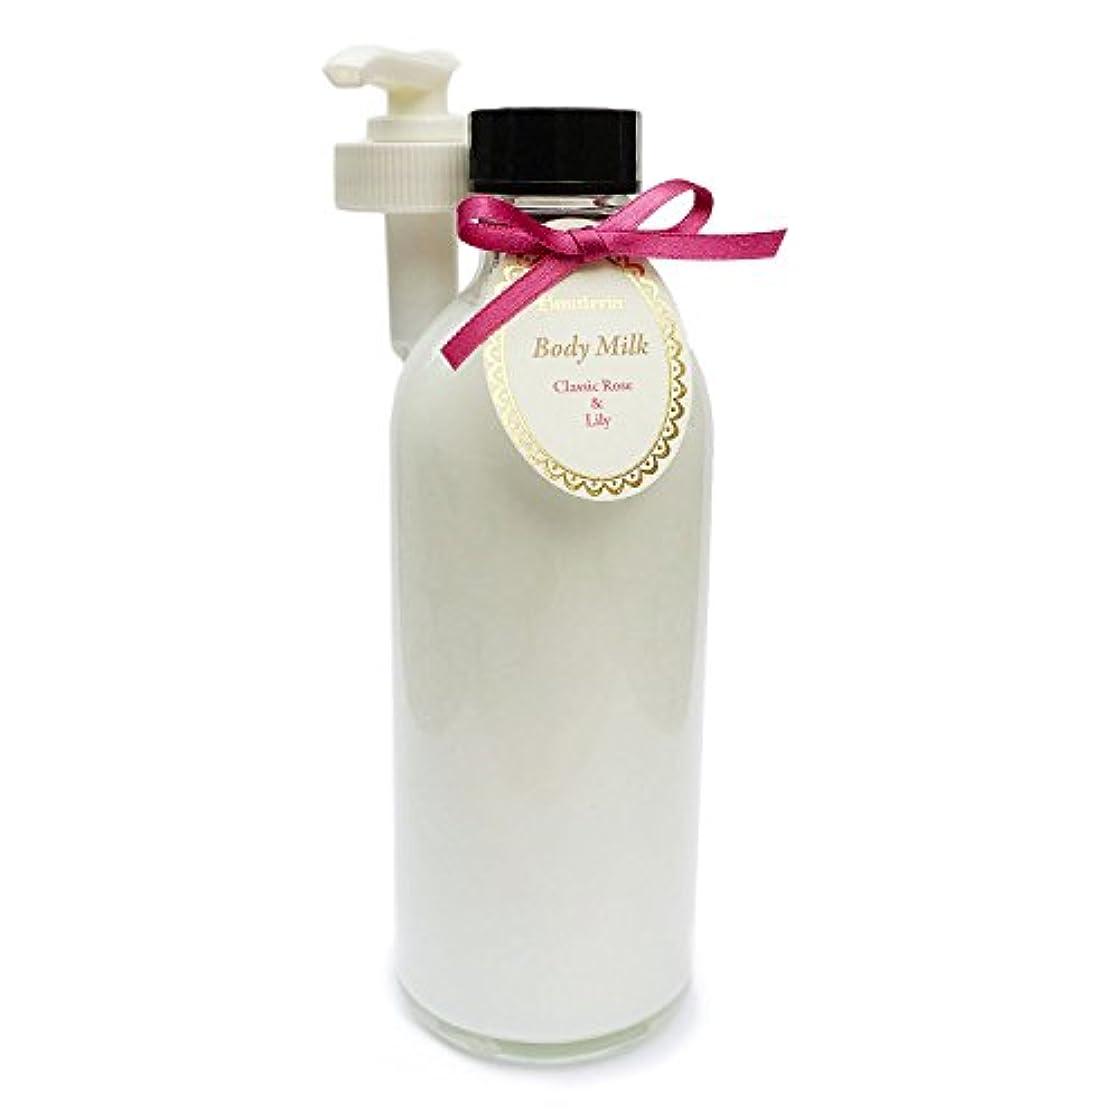 新鮮な戸惑う少しD materia ボディミルク クラシックローズ&リリー Classic Rose&Lily Body Milk ディーマテリア